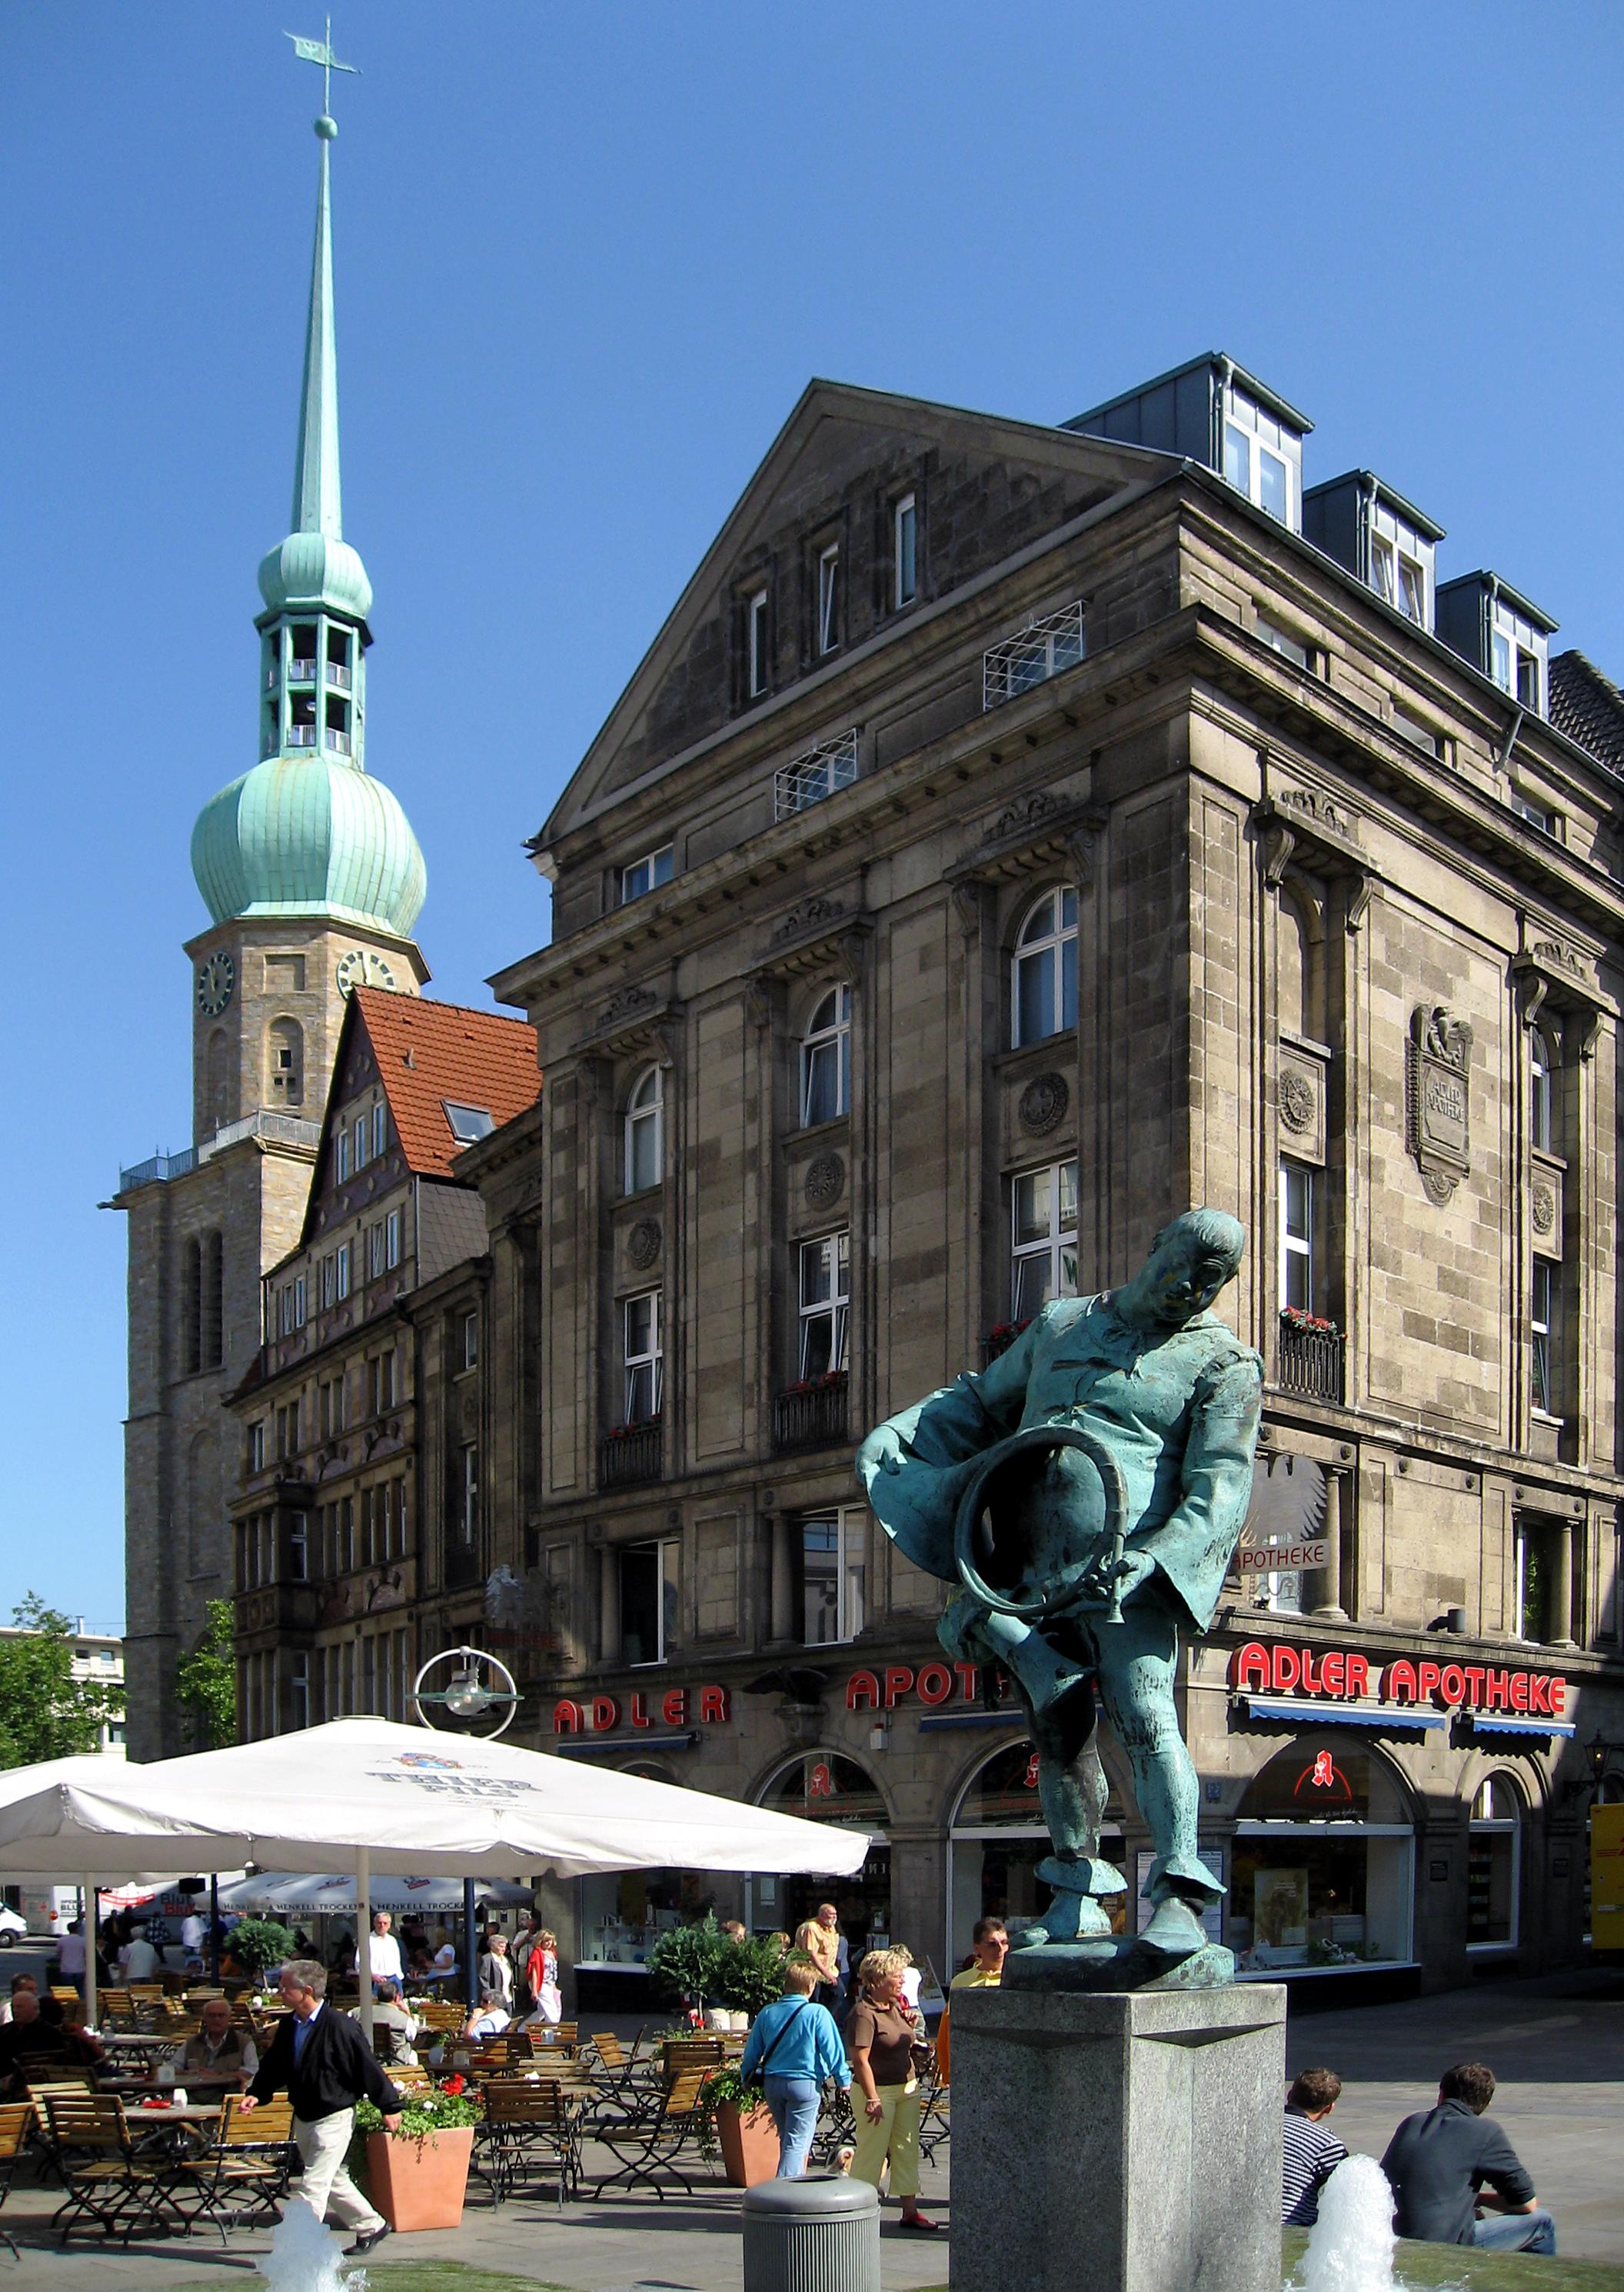 adler recklinghausen öffnungszeiten